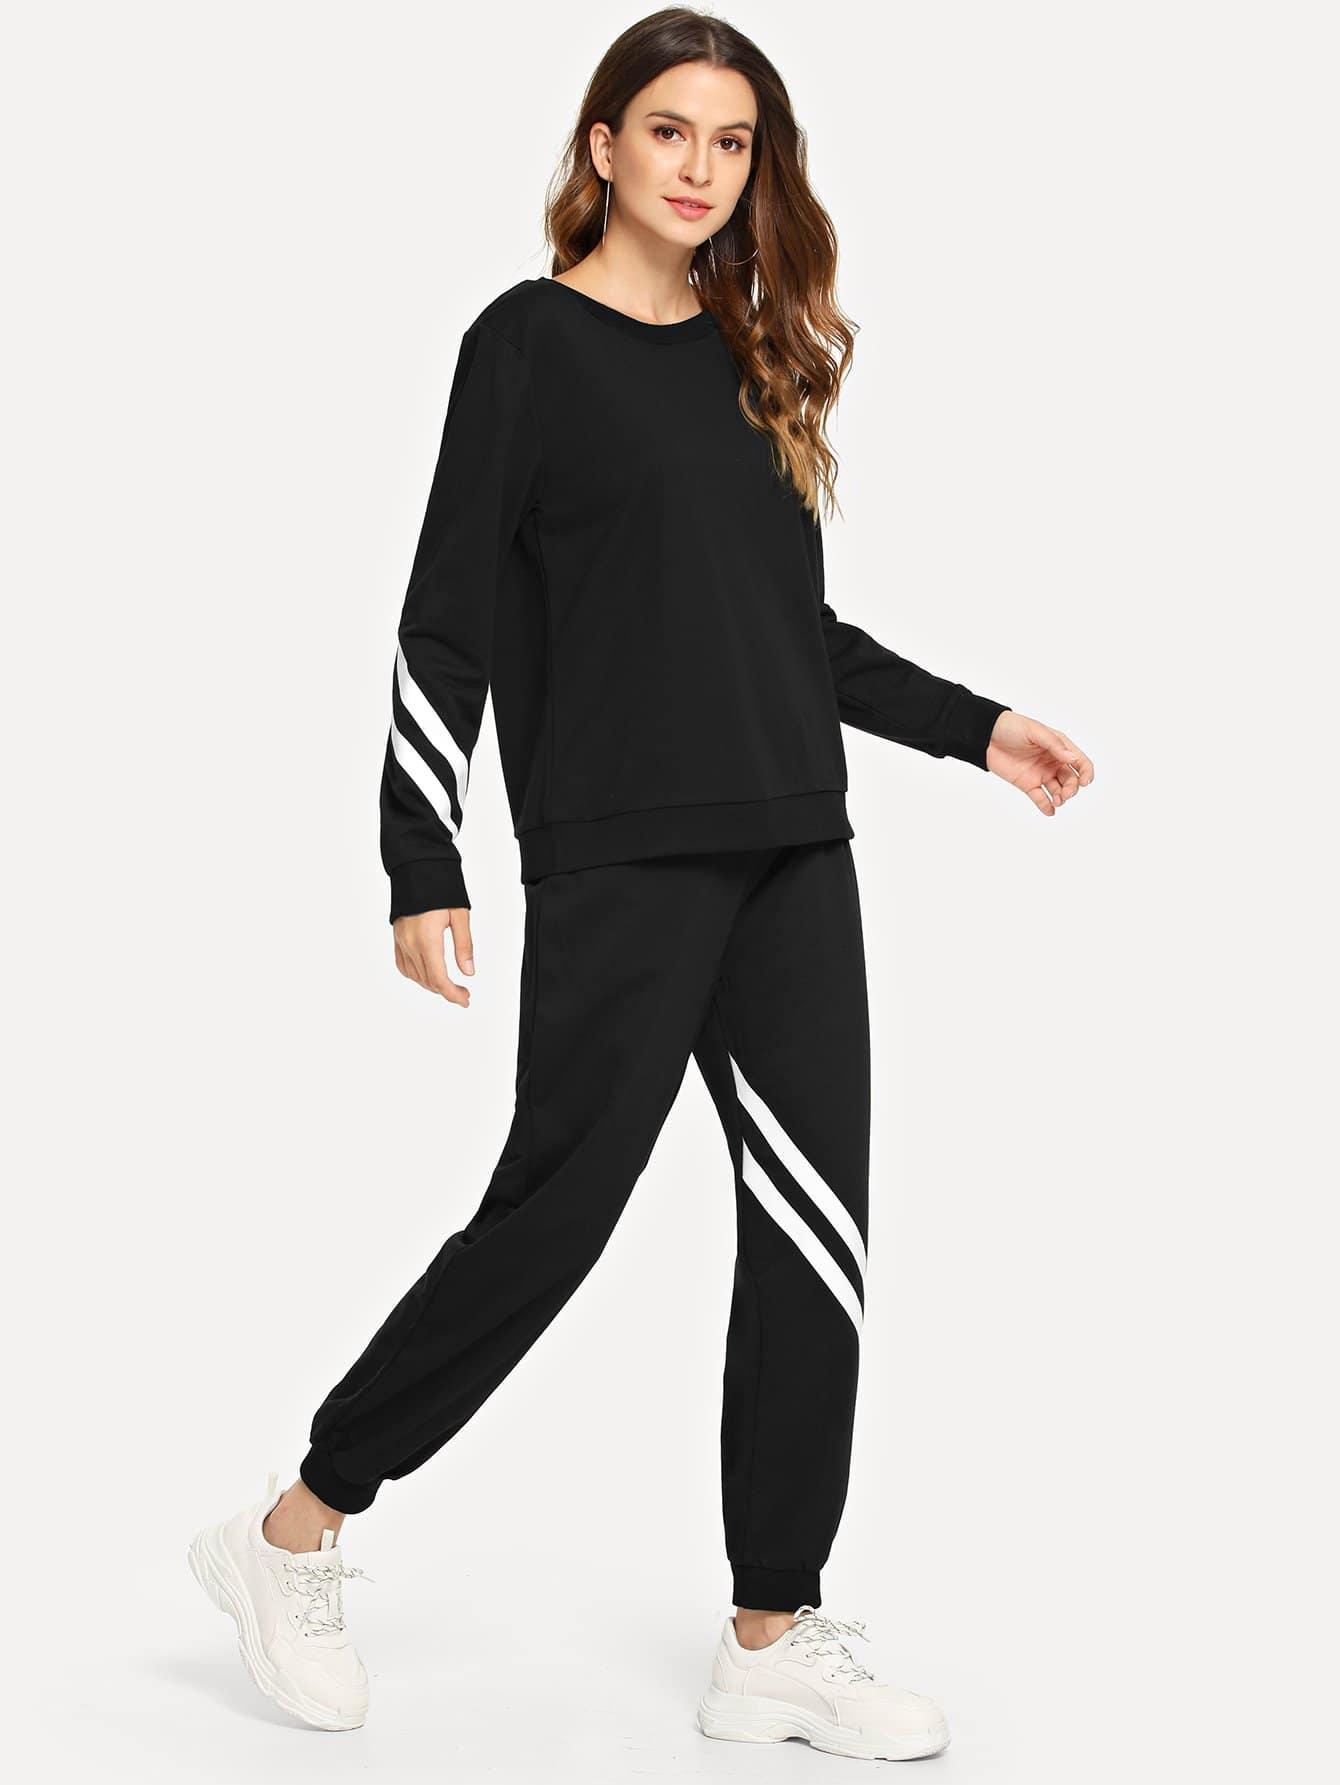 Фото - Полосатый свитшот униформы и брюки от SheIn черного цвета